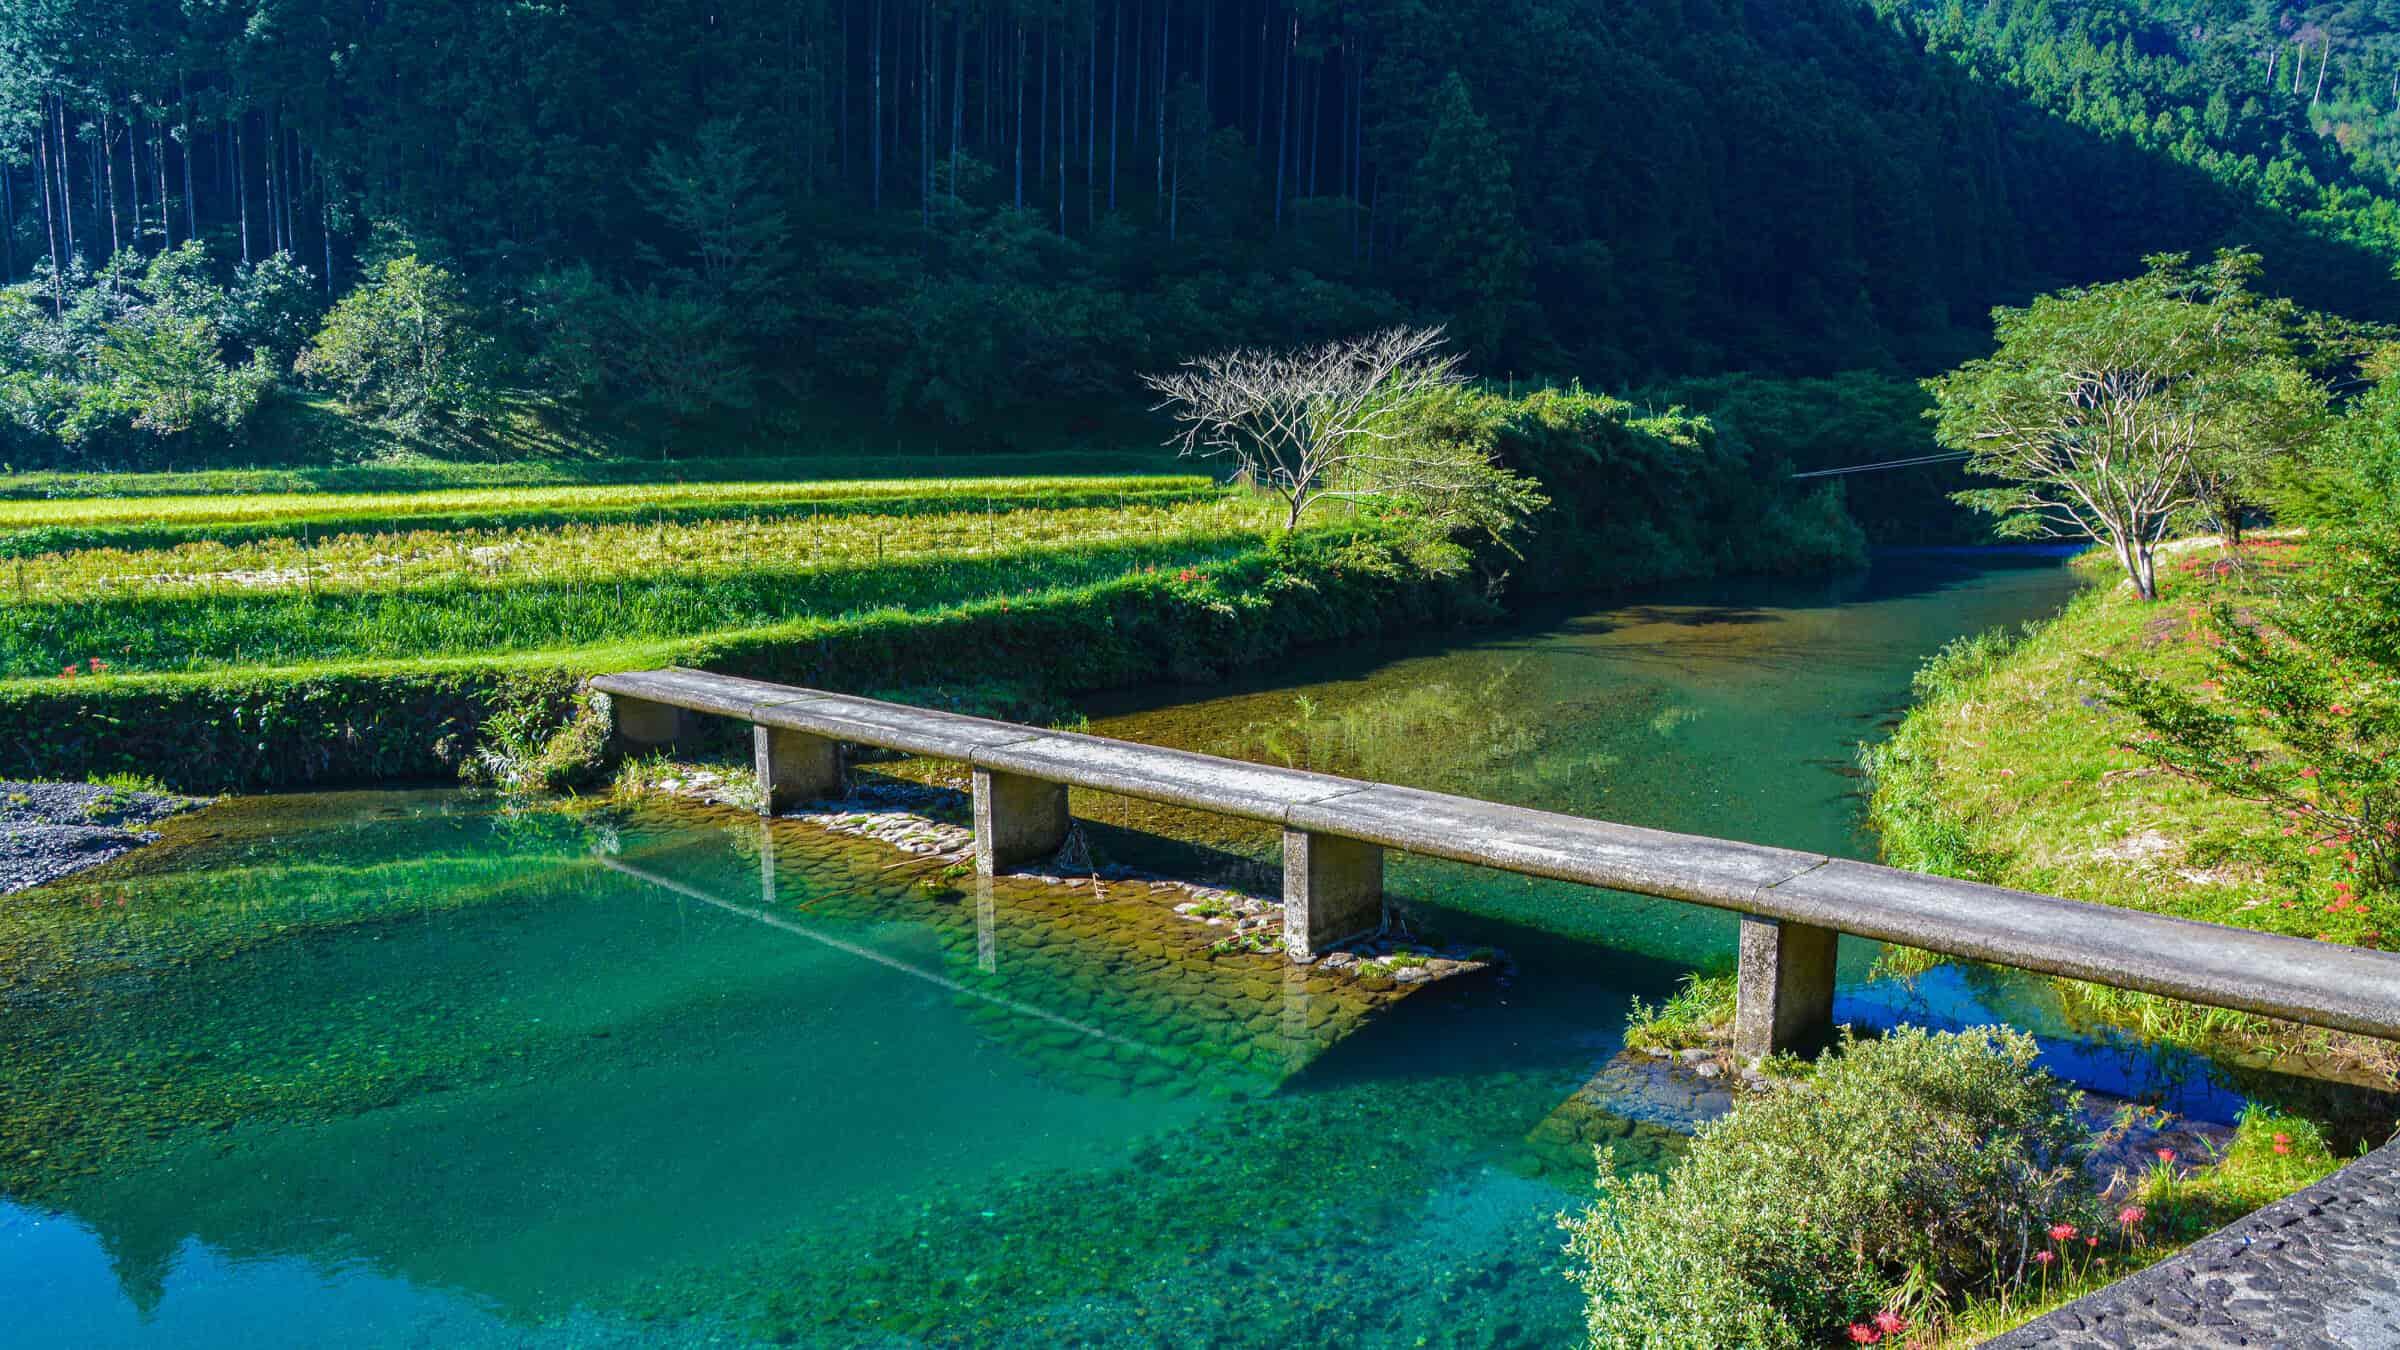 日本最後の清流、はじまりの場所[四万十川源流点]